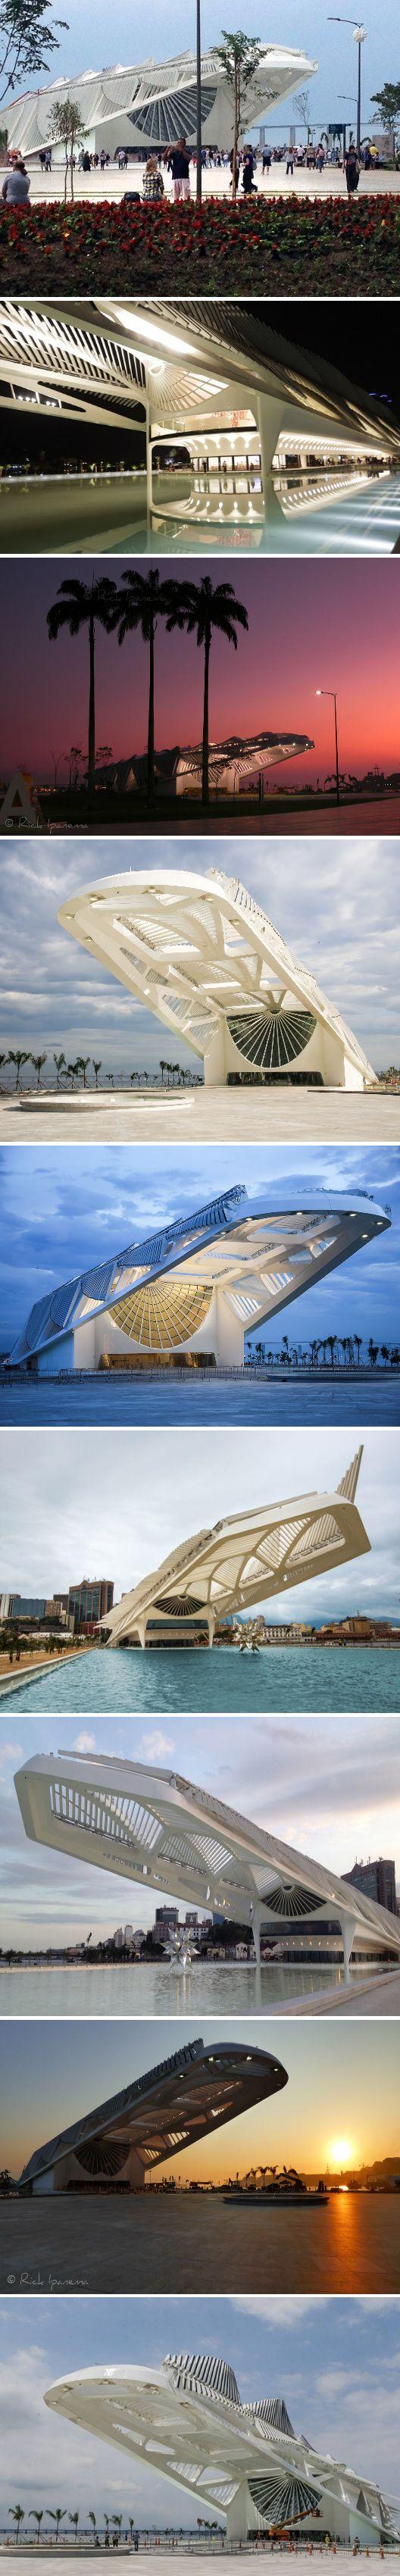 Museum of Tomorrow Rio de Janeiro - Brazil / Museu do Amanhã, Brasil, South America – design by Santiago Calatrava, architect